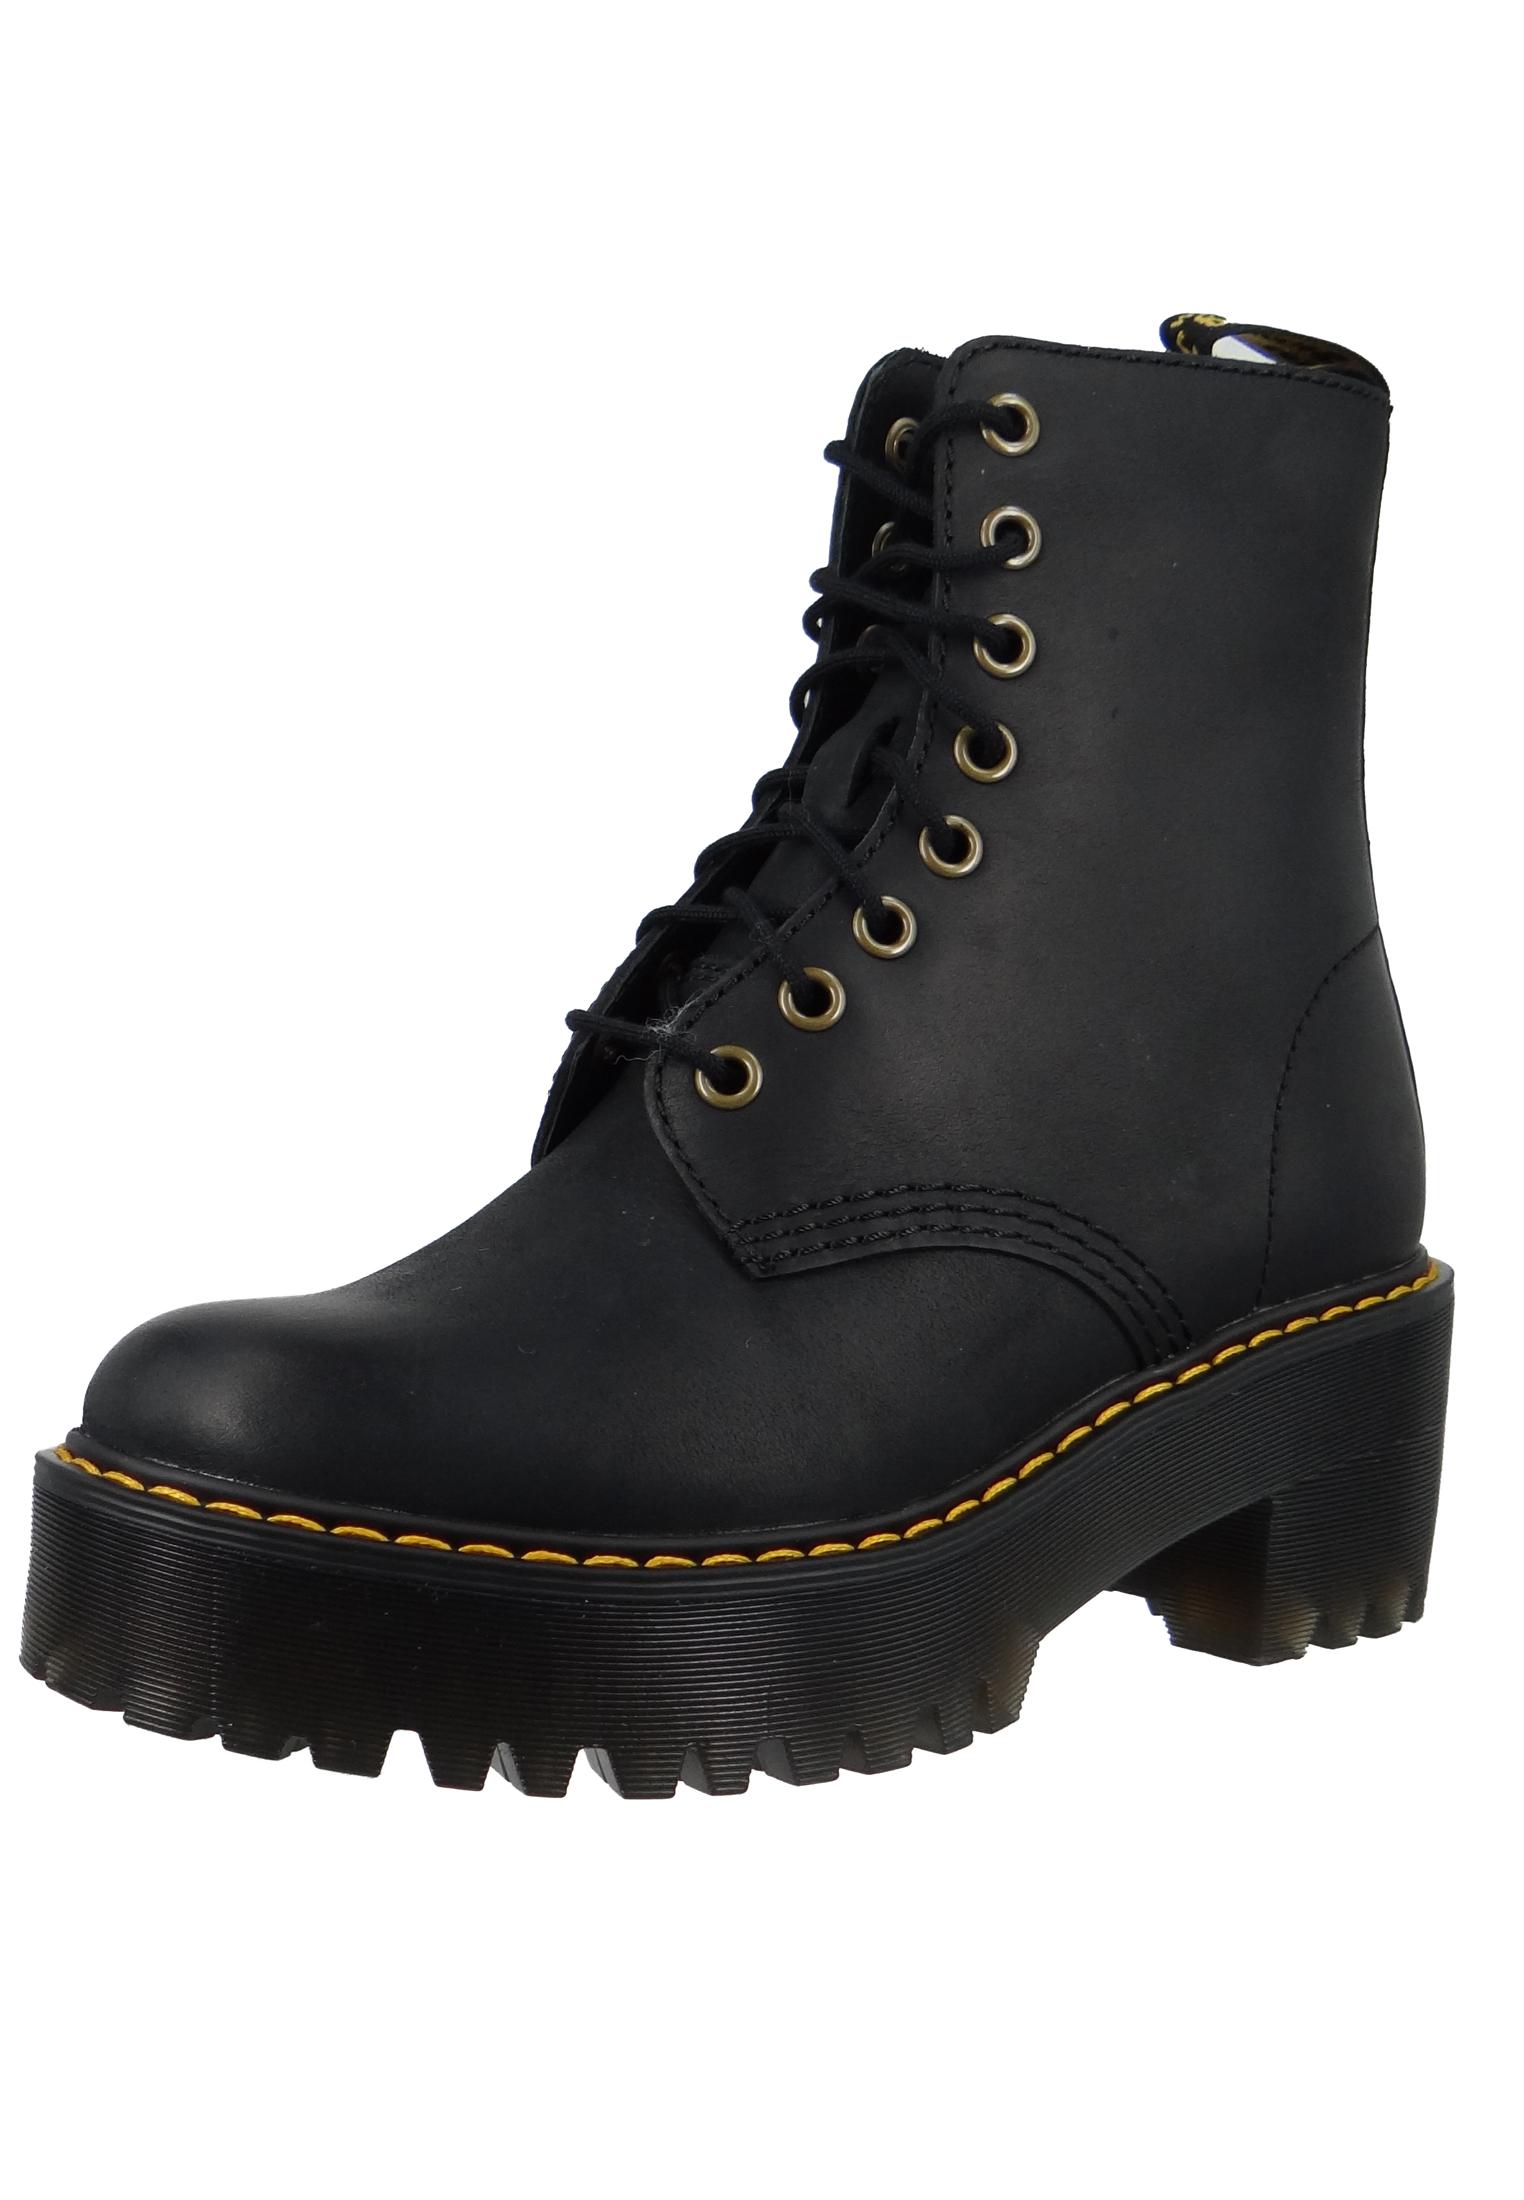 Dr. Martens Sanguine Shriver Hi 23921001 Damen Black Schwarz Ankle Boot 858d974b1a